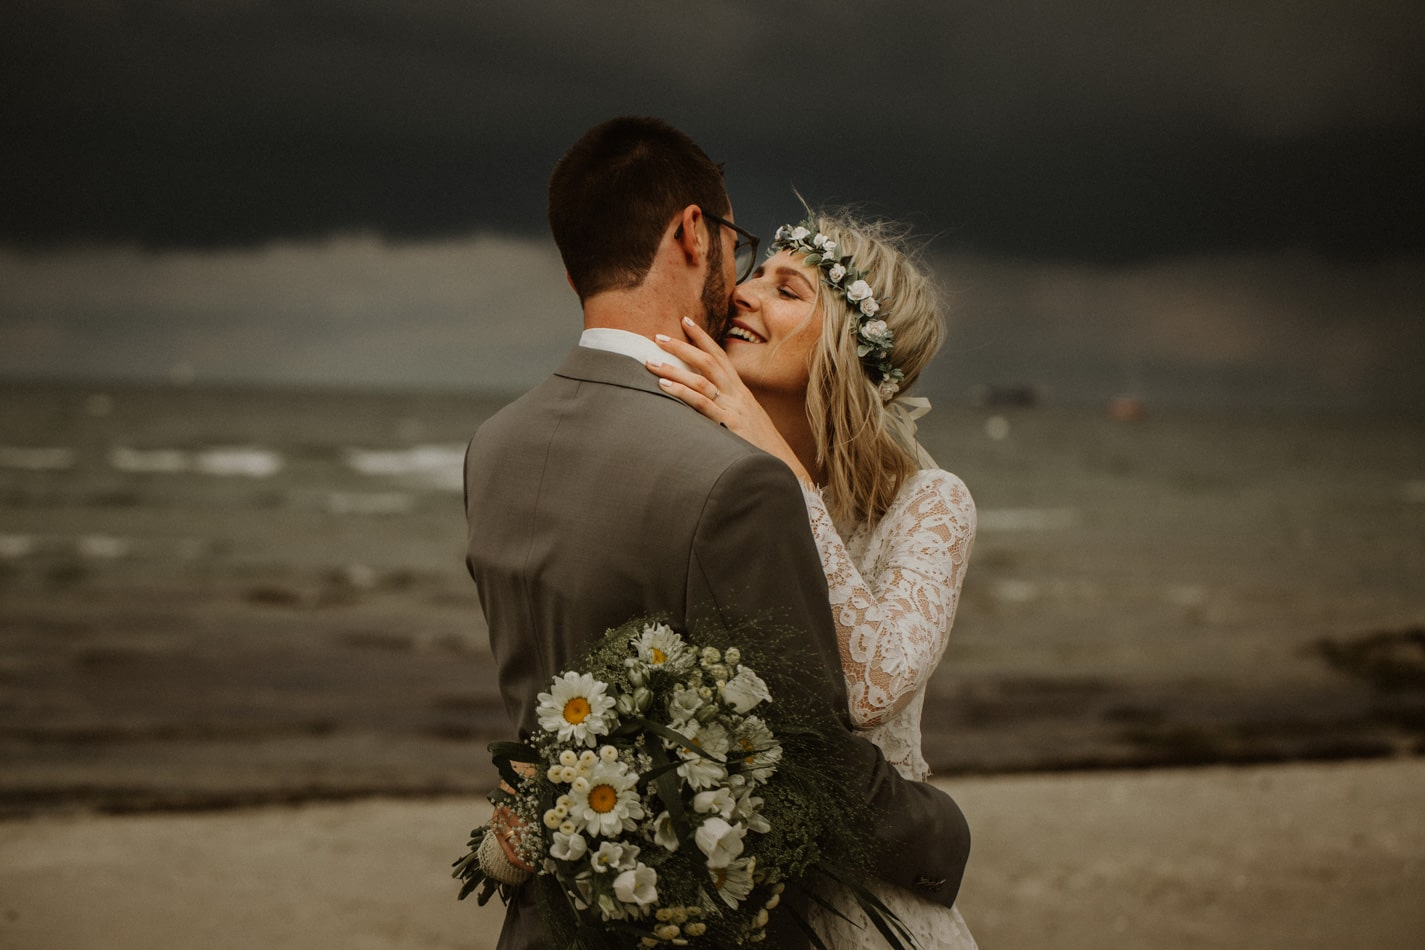 Hochzeitsfotografie am Strand in Stein